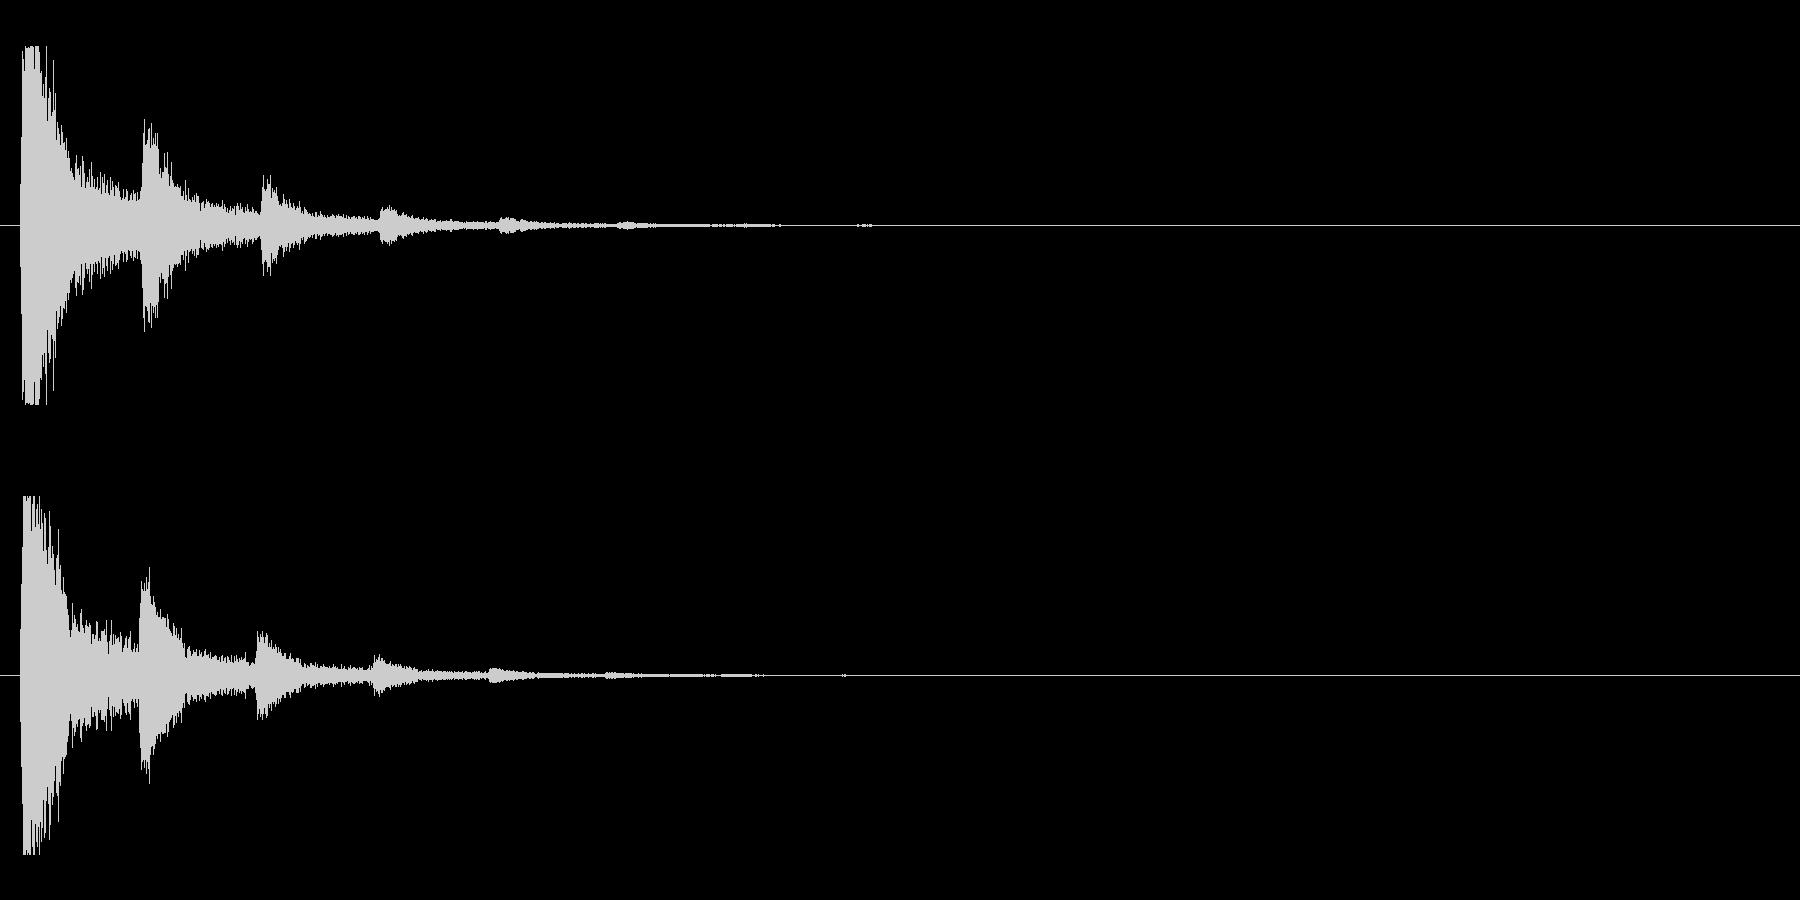 レーザー音-89-2の未再生の波形